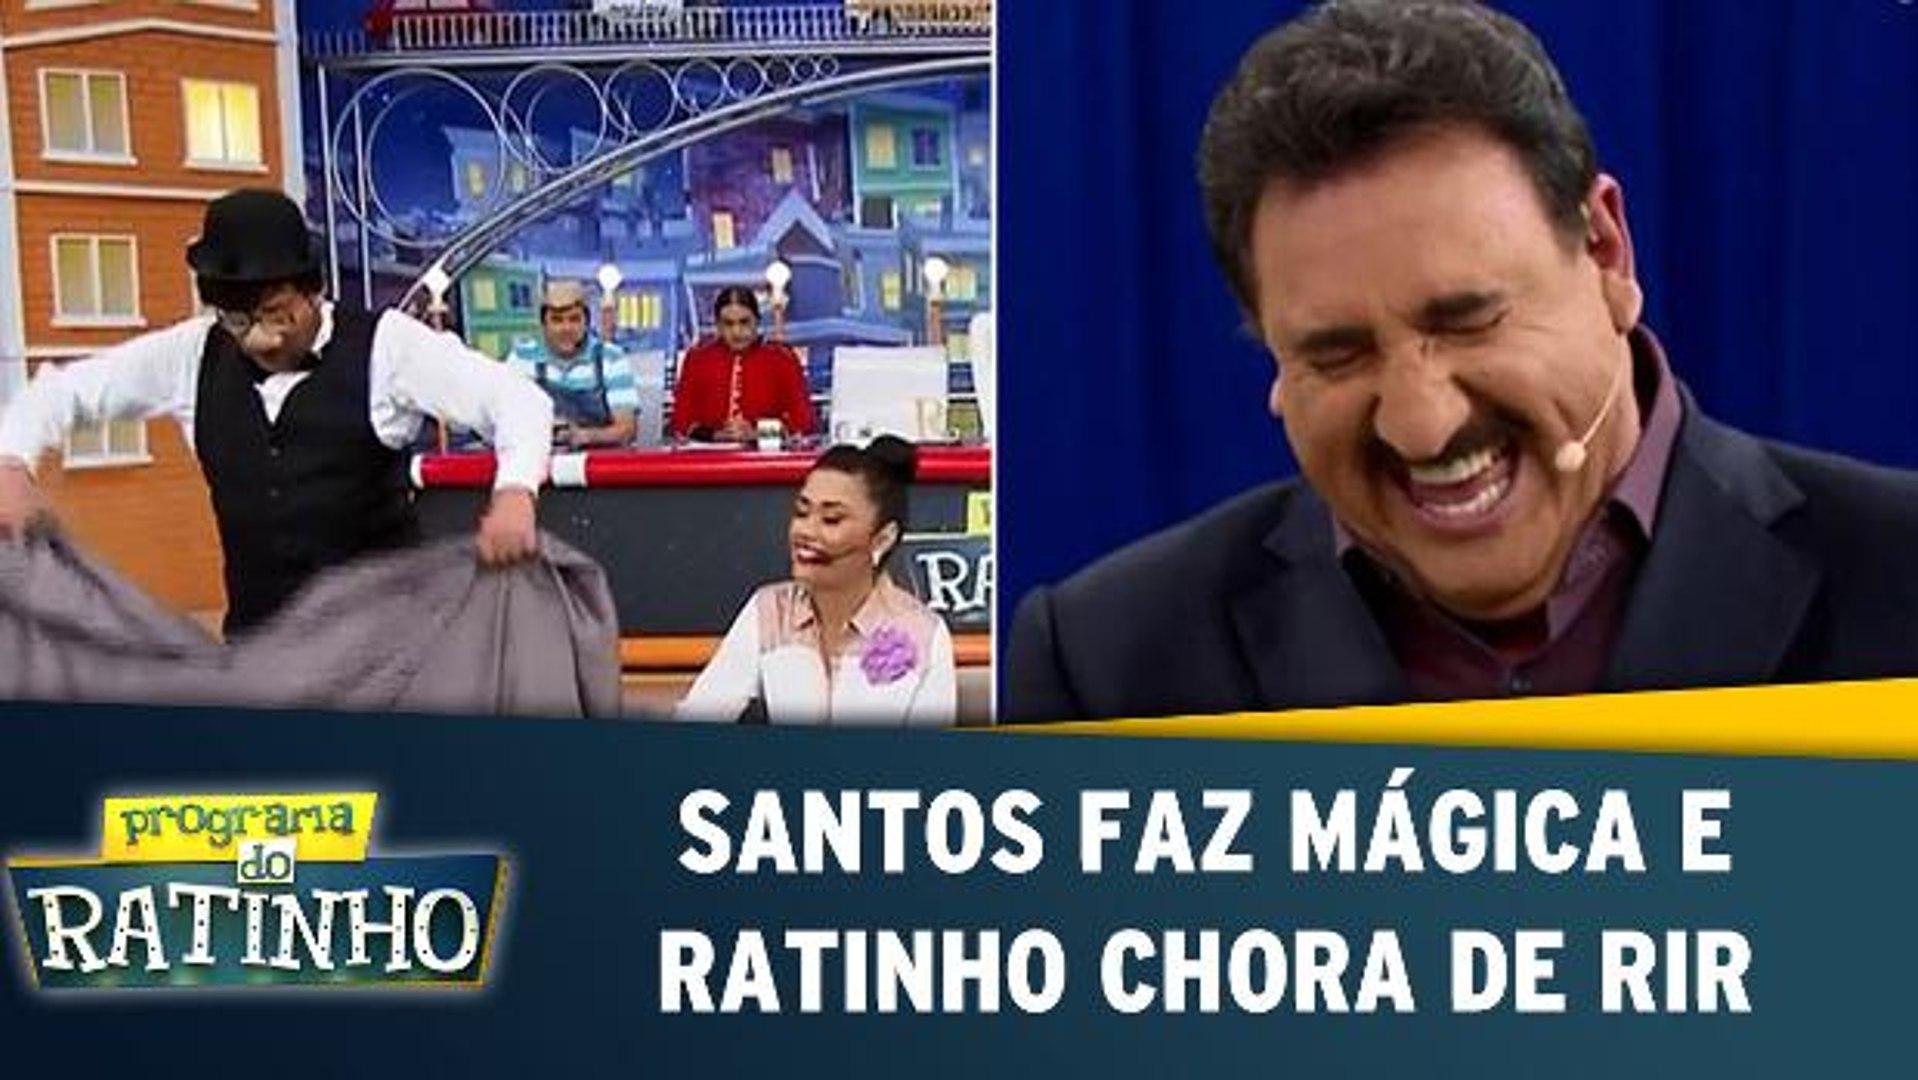 77630eb83 Santos faz mágica e Ratinho chora de rir - Vídeo Dailymotion